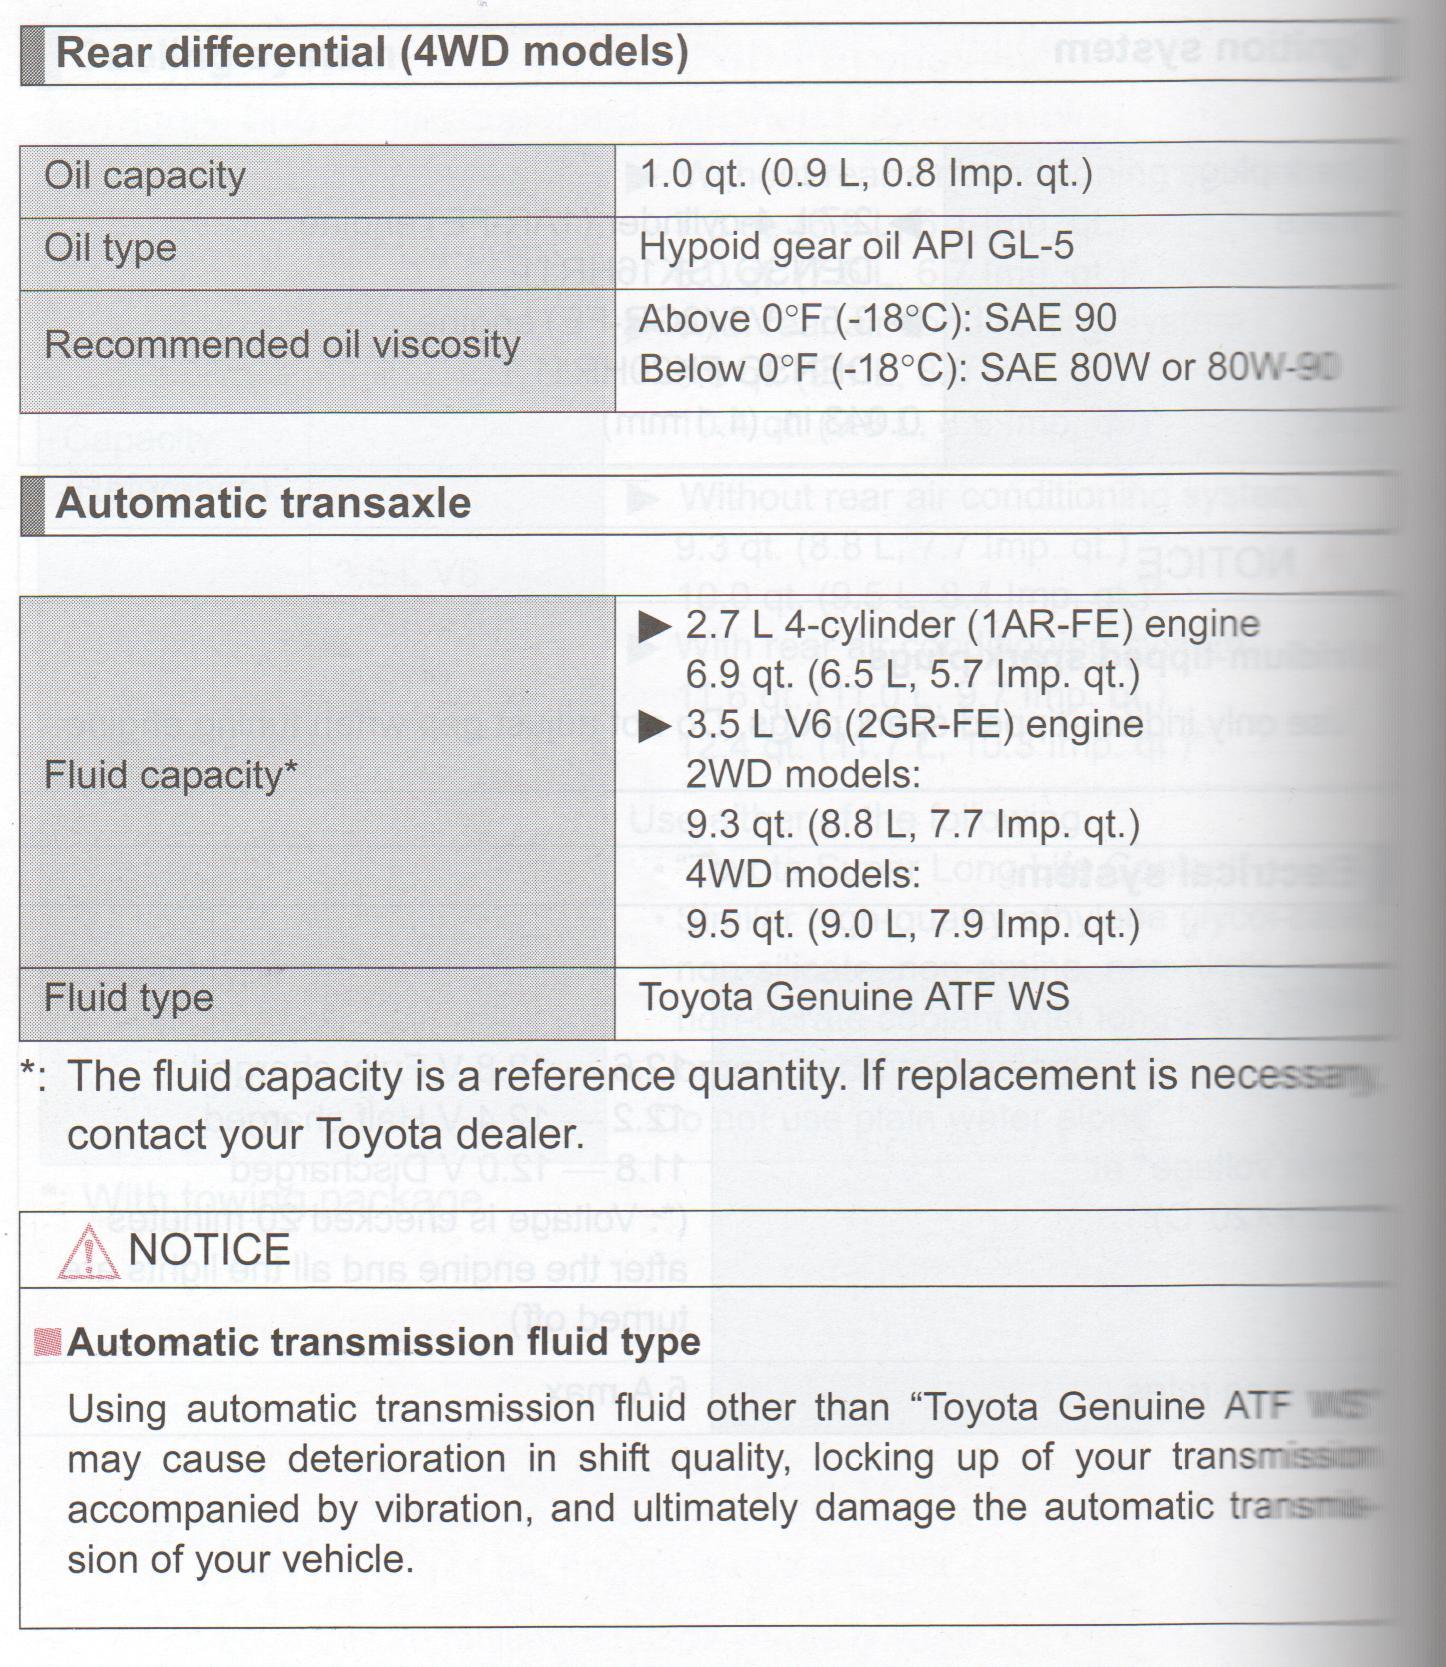 2011 highlander shifting abnormally - Toyota Nation Forum